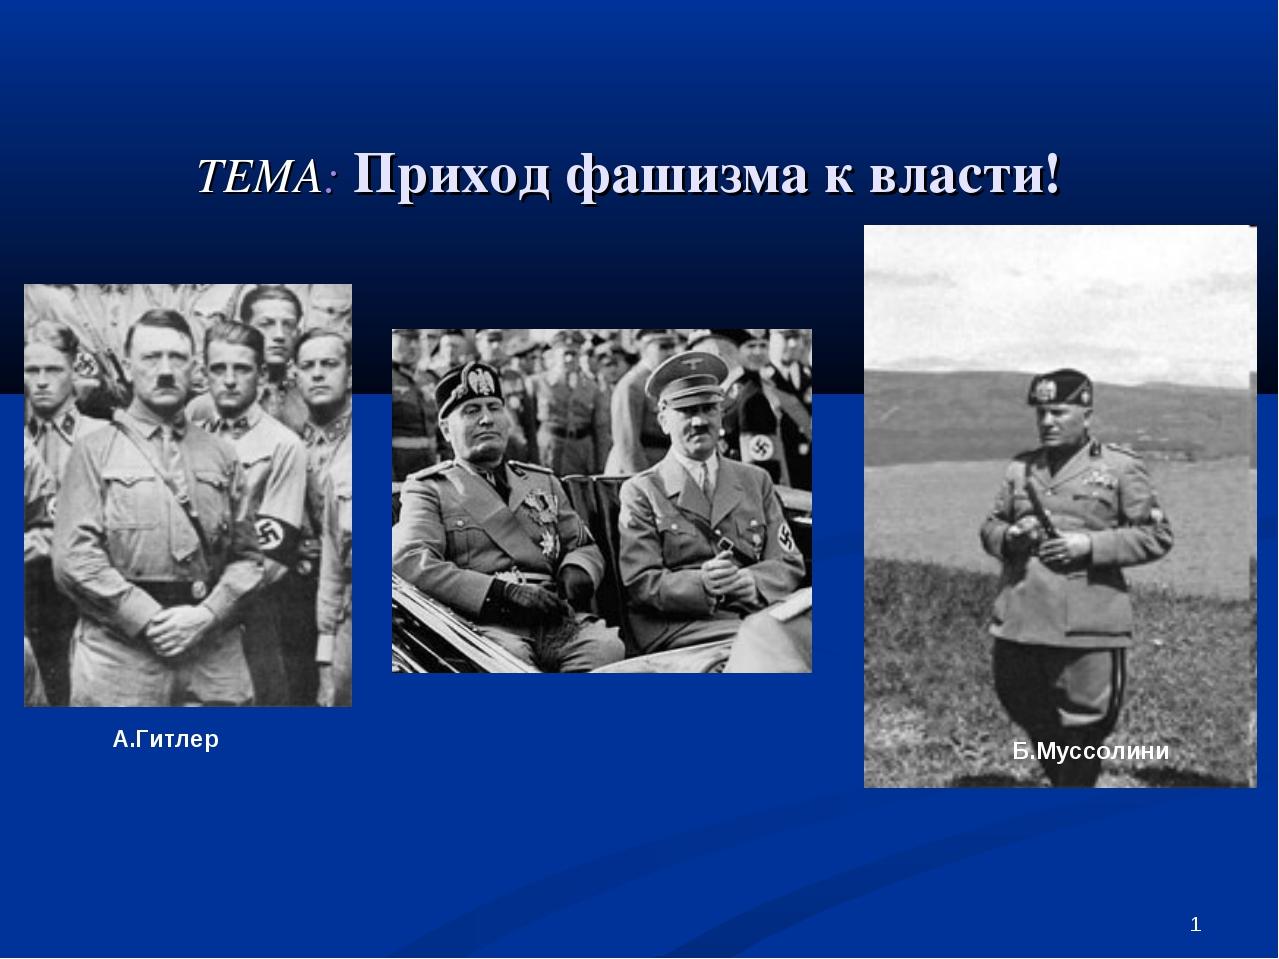 * ТЕМА: Приход фашизма к власти! А.Гитлер Б.Муссолини